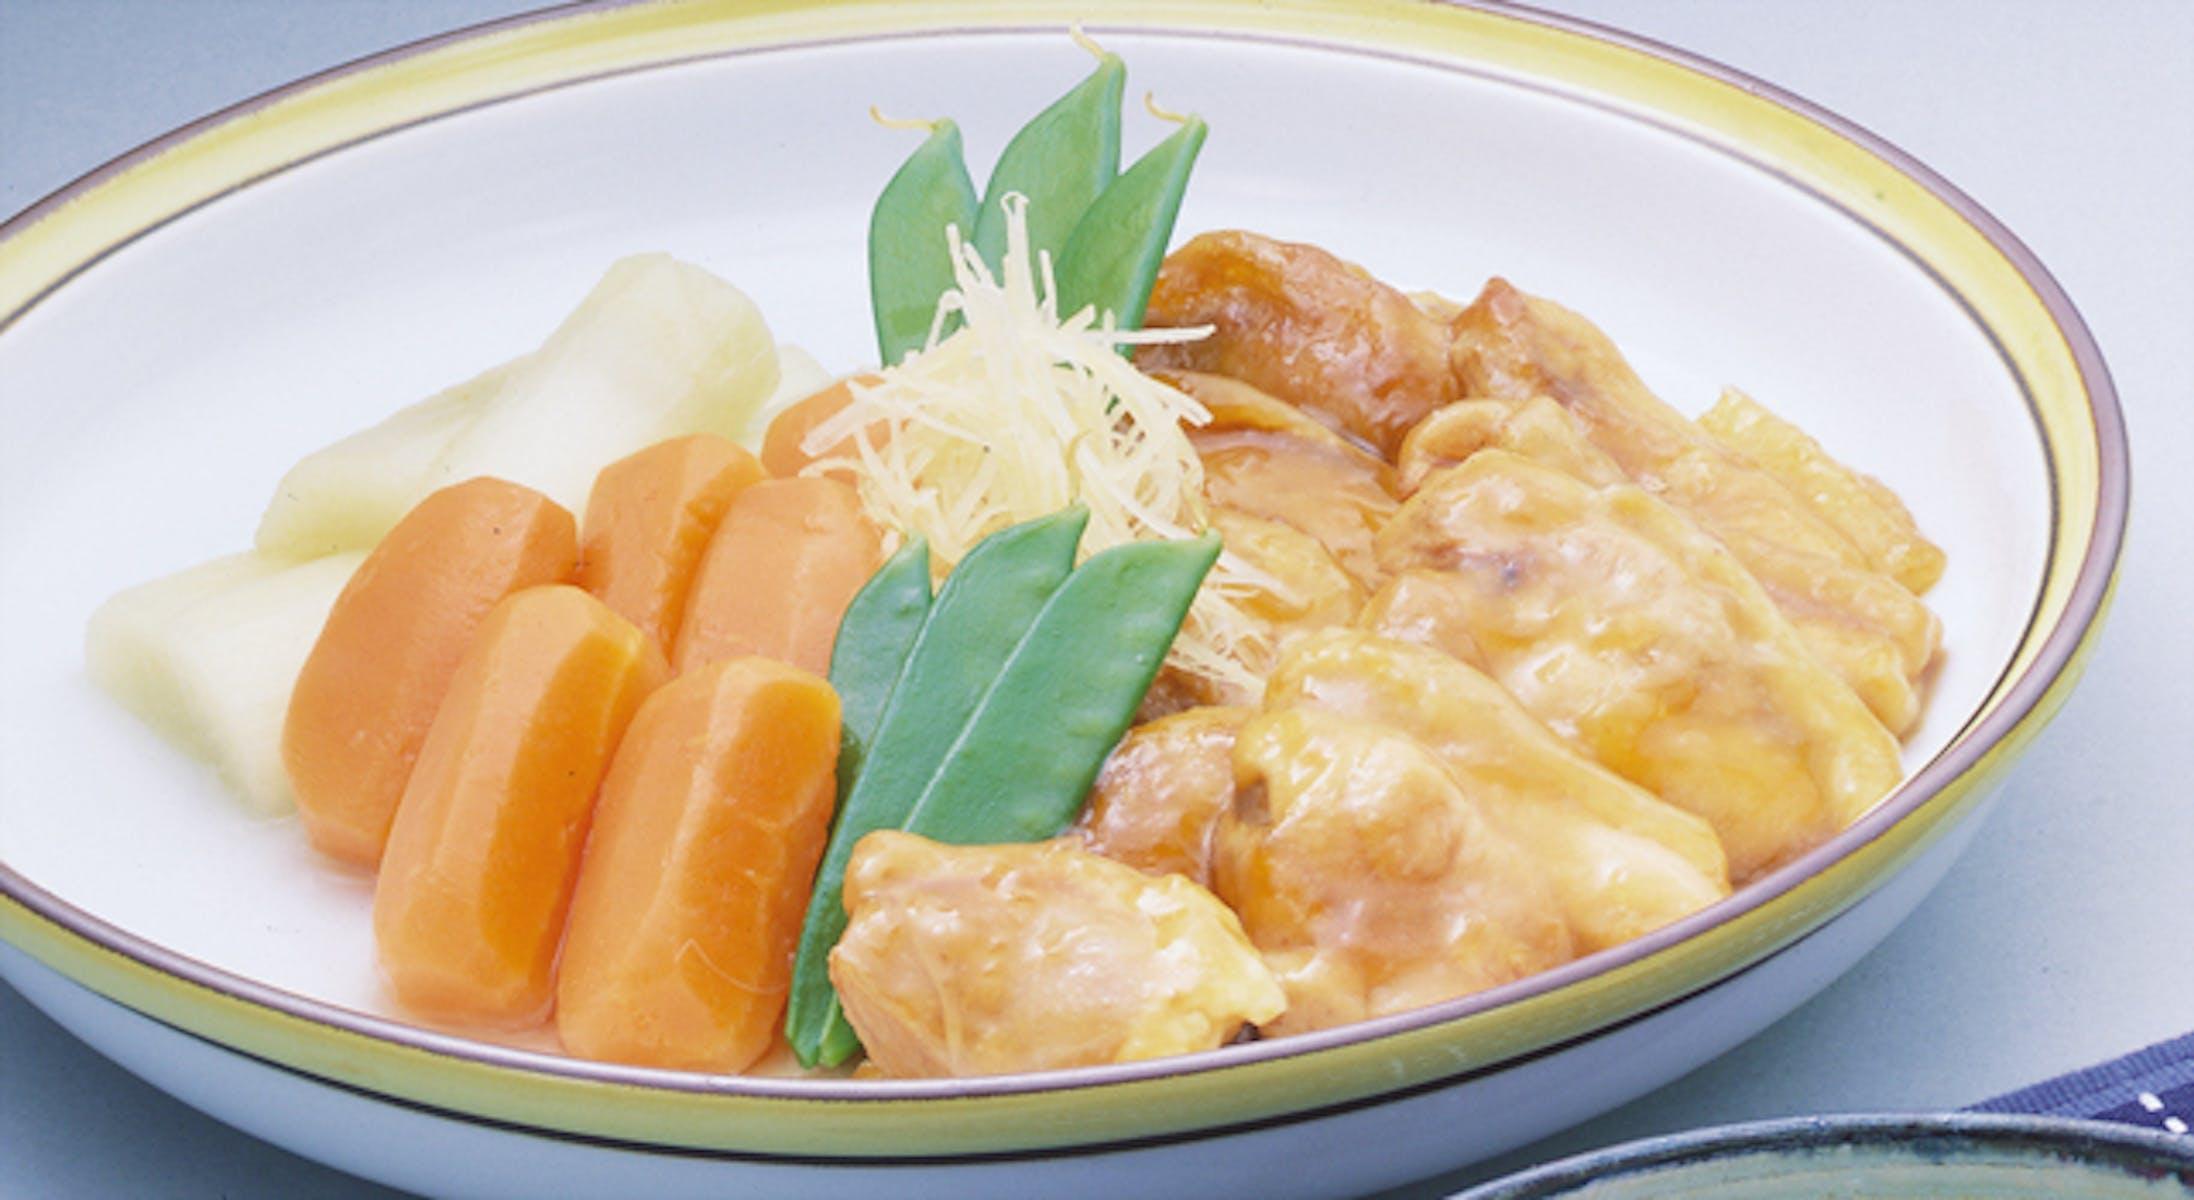 鶏と野菜の炊き合わせ